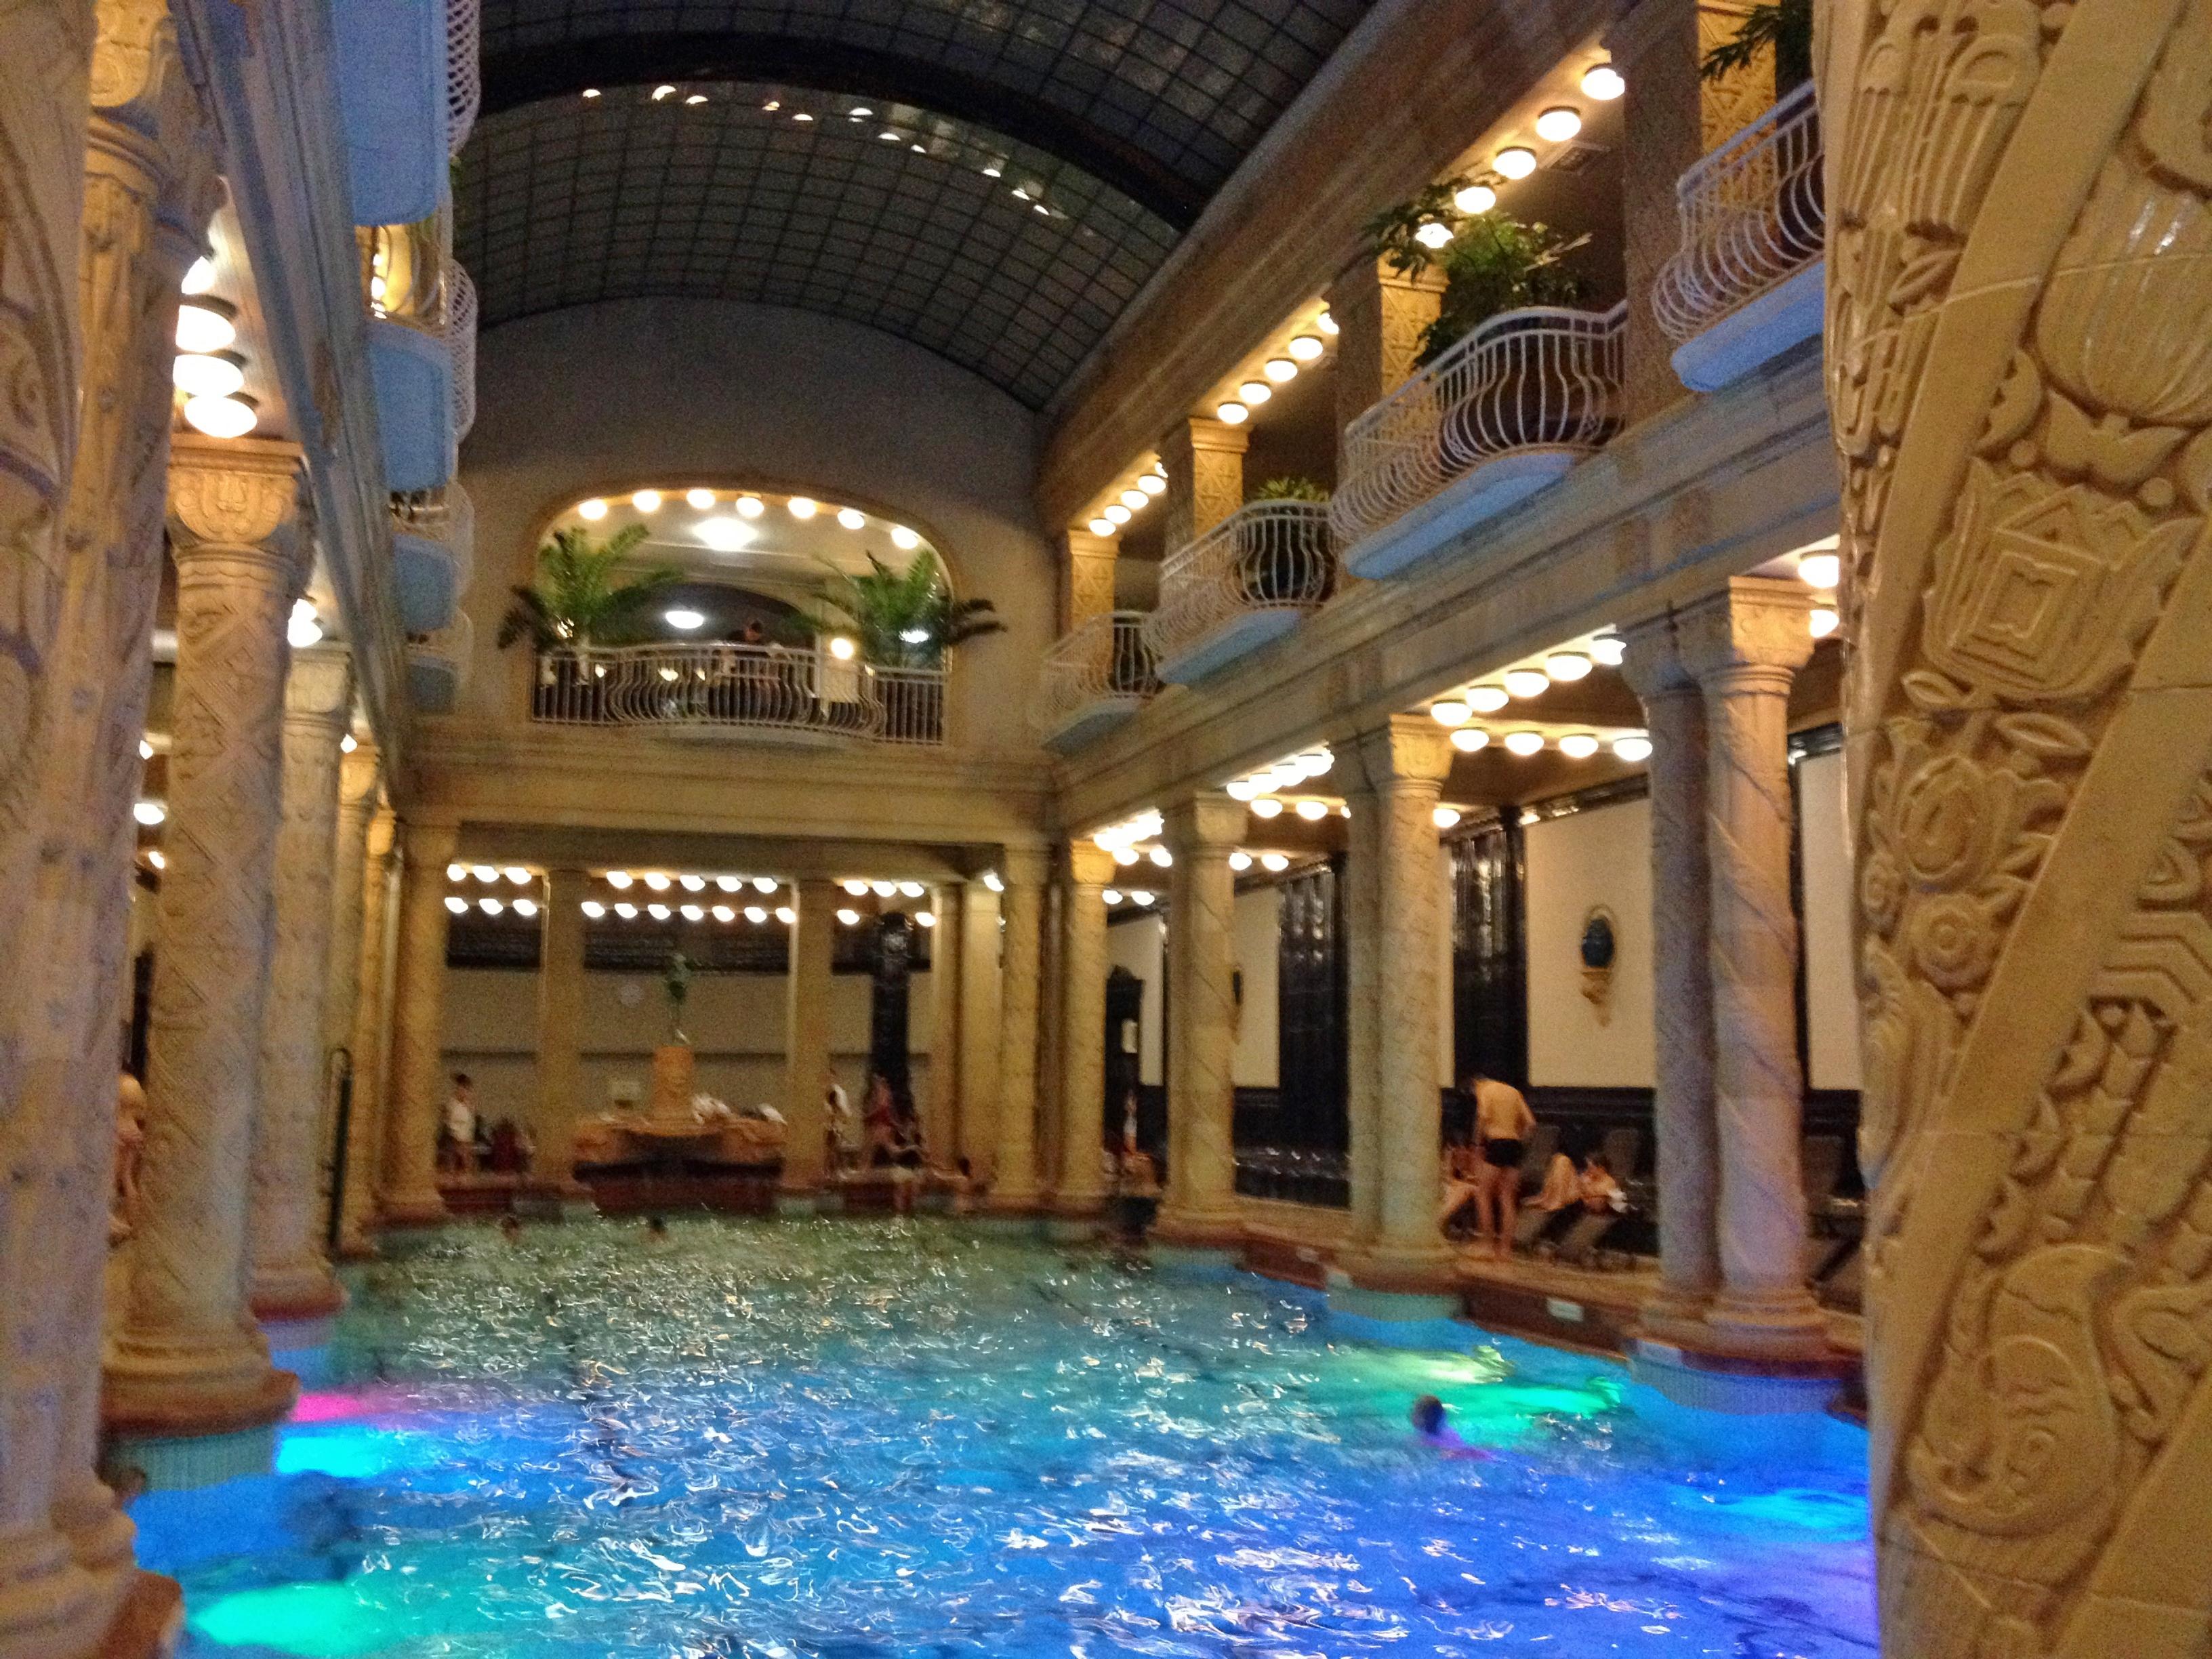 Les bains de budapest jolis circuits for Les bains de